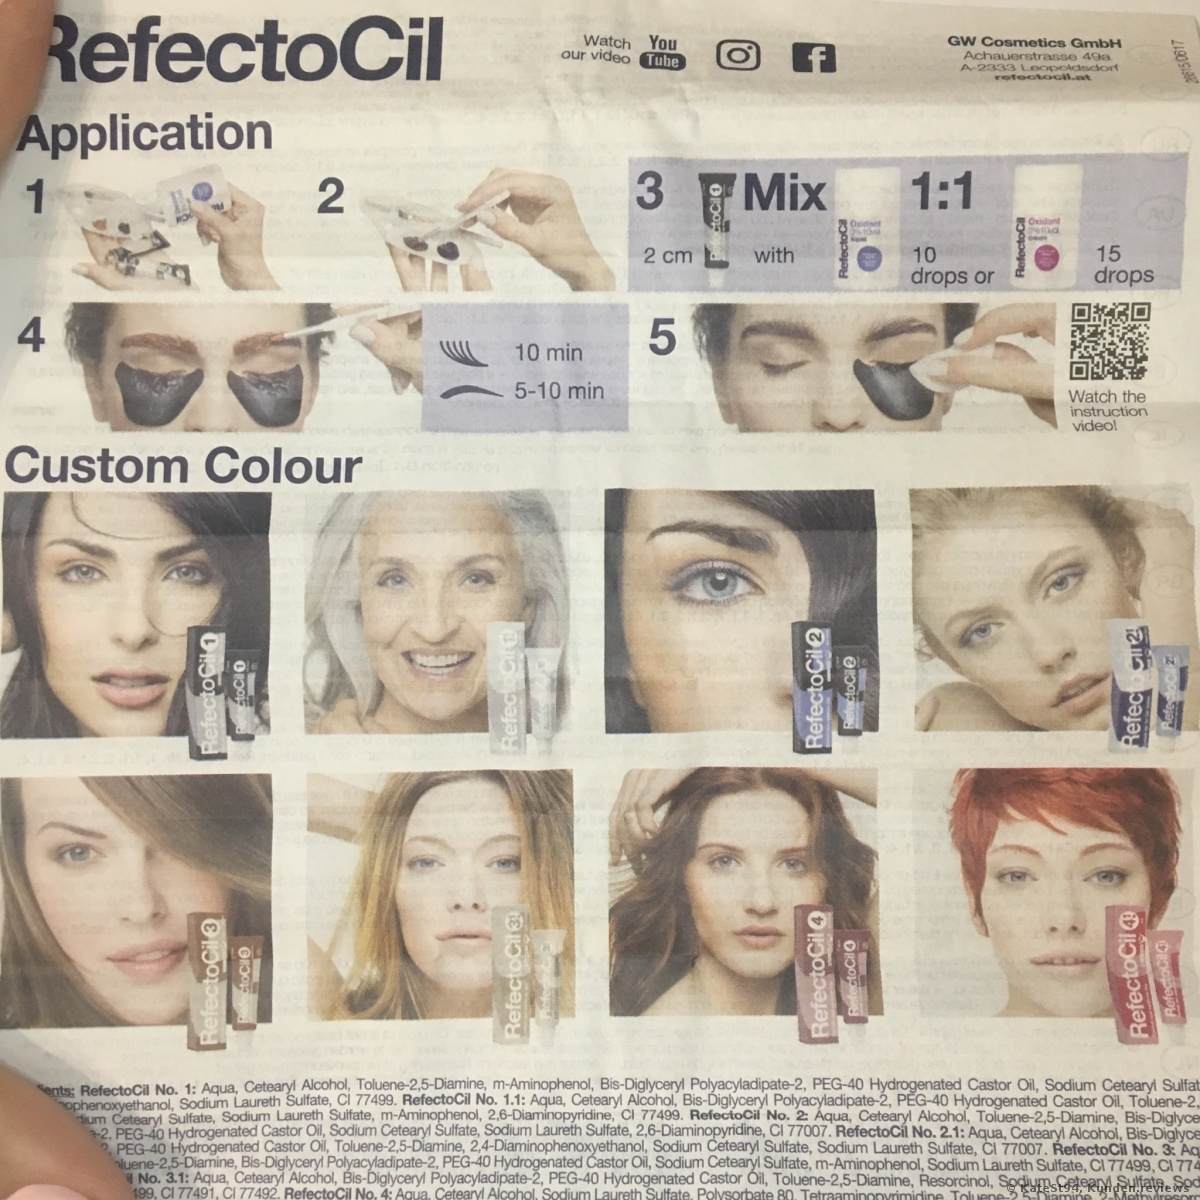 GWCosmetics Refectocil Augenbrauen und Wimpernfarbe Foto